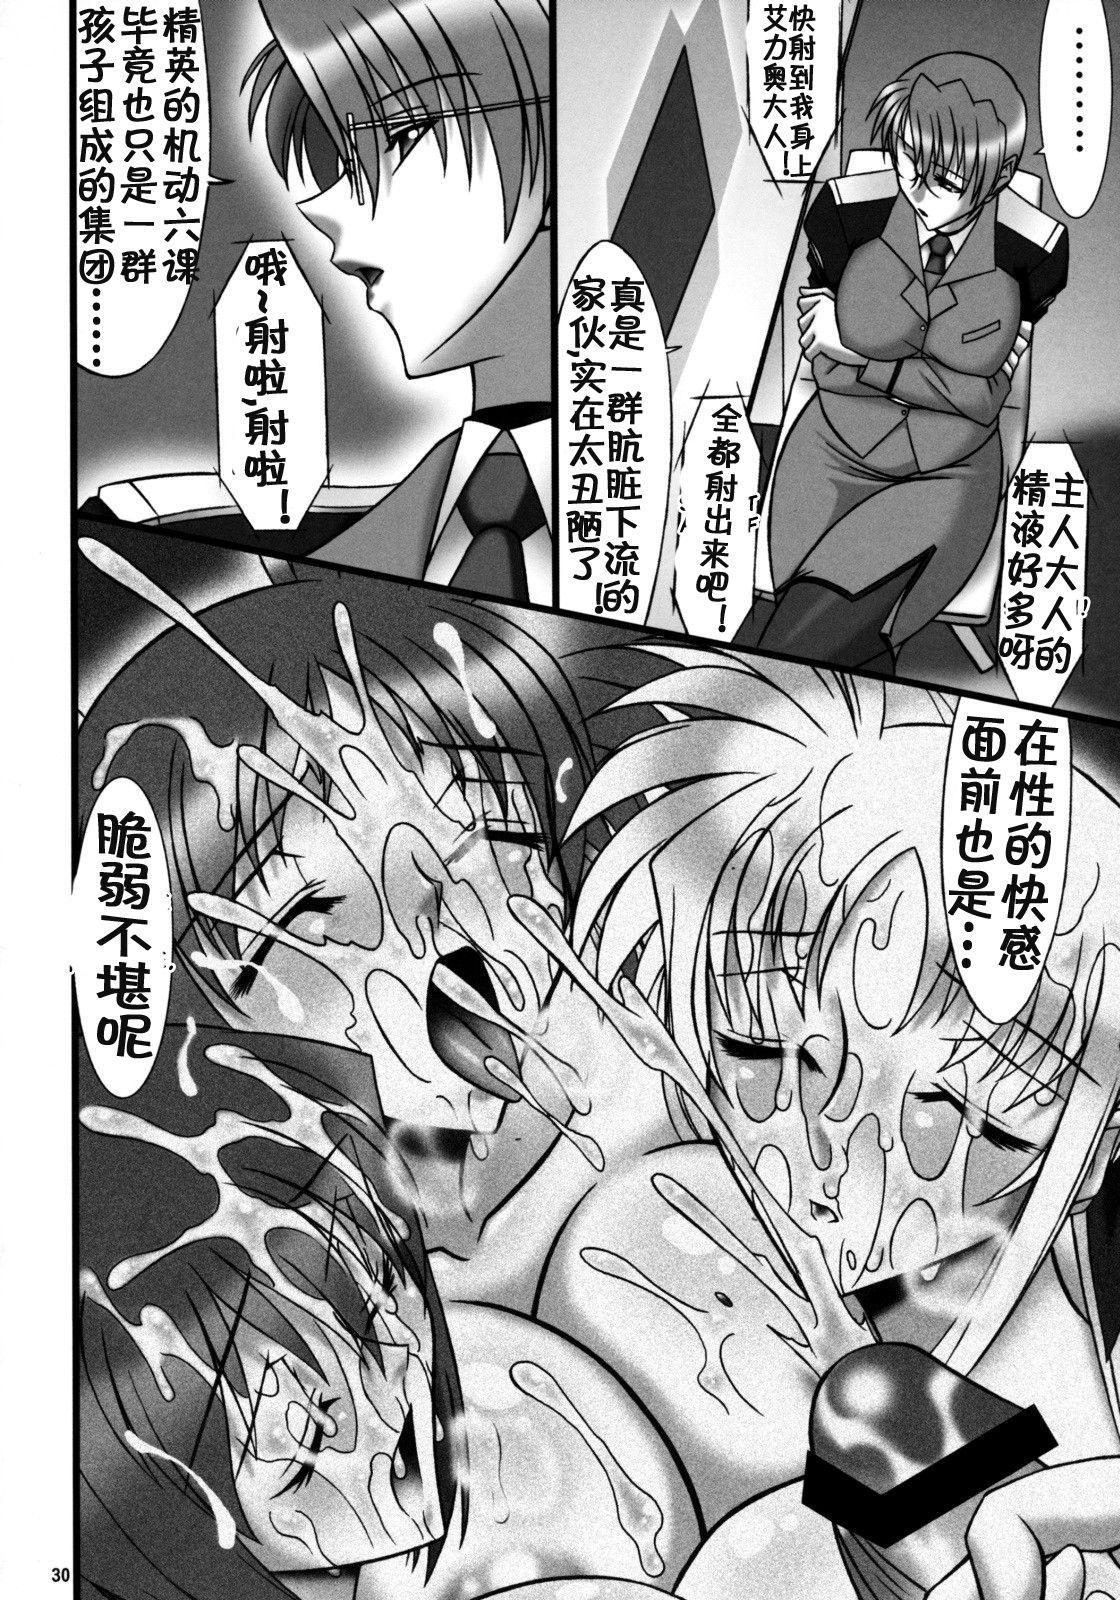 Angel's stroke 22 Datenshi Gekitsui 30